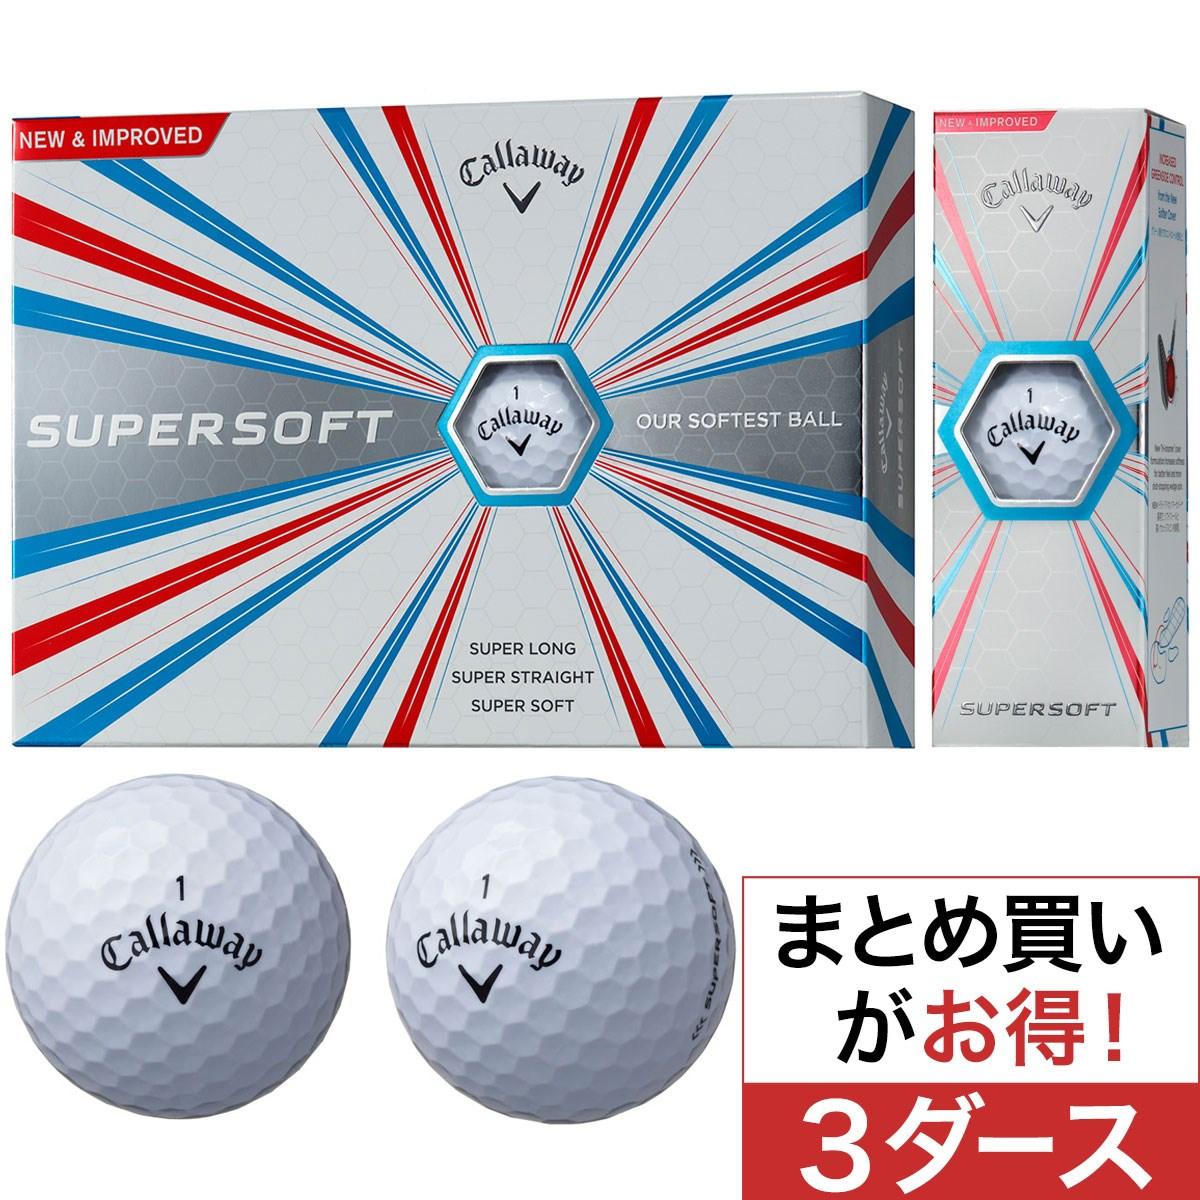 キャロウェイゴルフ(Callaway Golf) スーパーソフト ボール 2017年モデル 3ダースセット